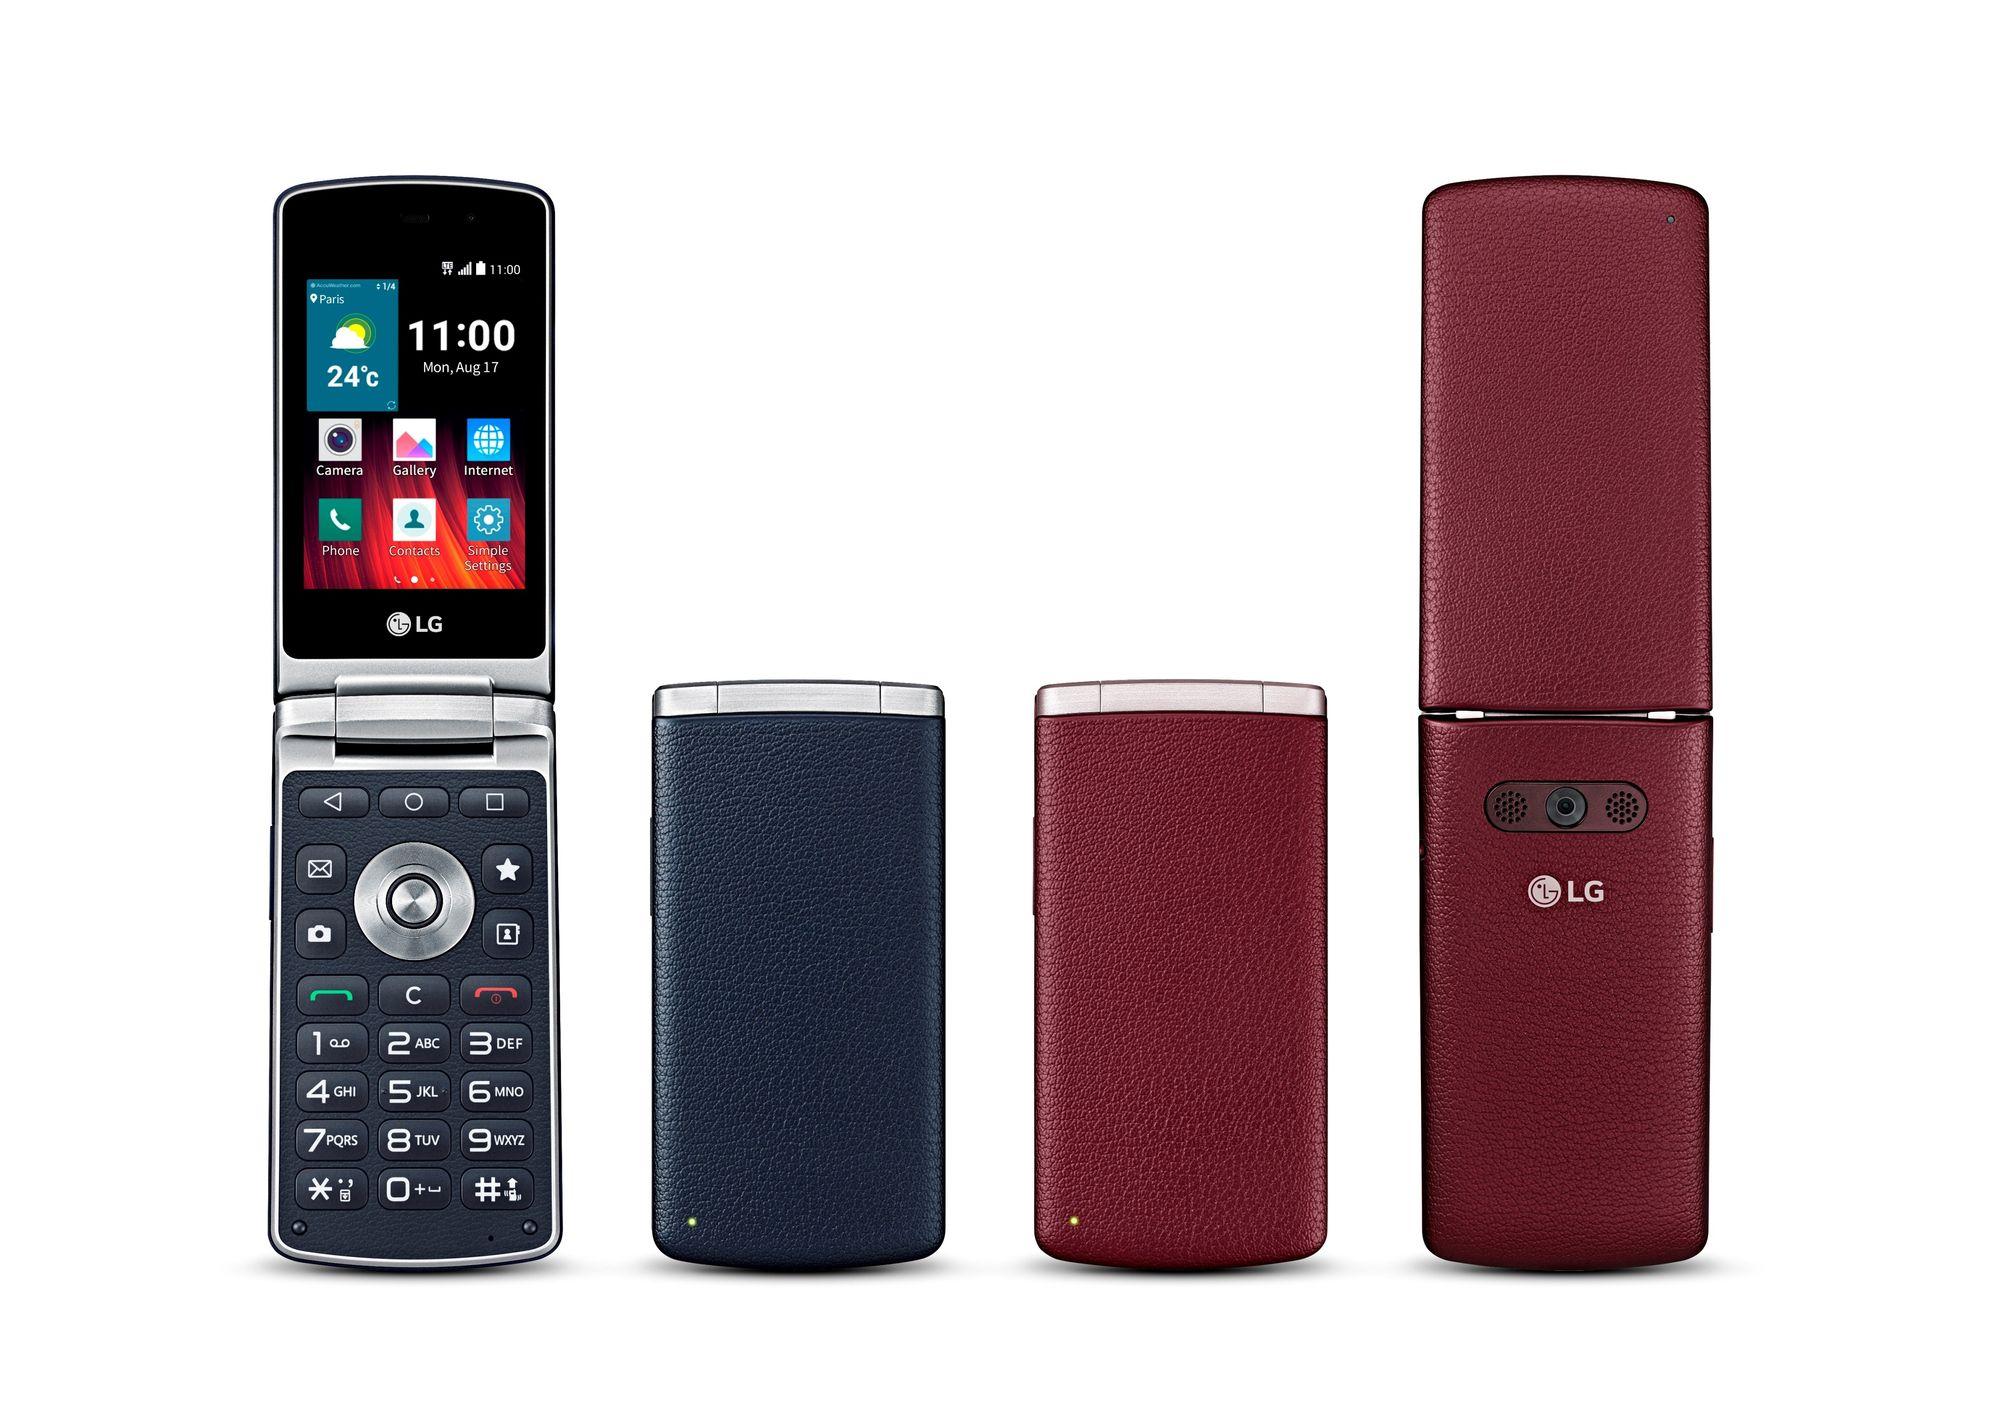 LG Wine Smart : pour un smartphone à clapet, comptez plus de 200 euros